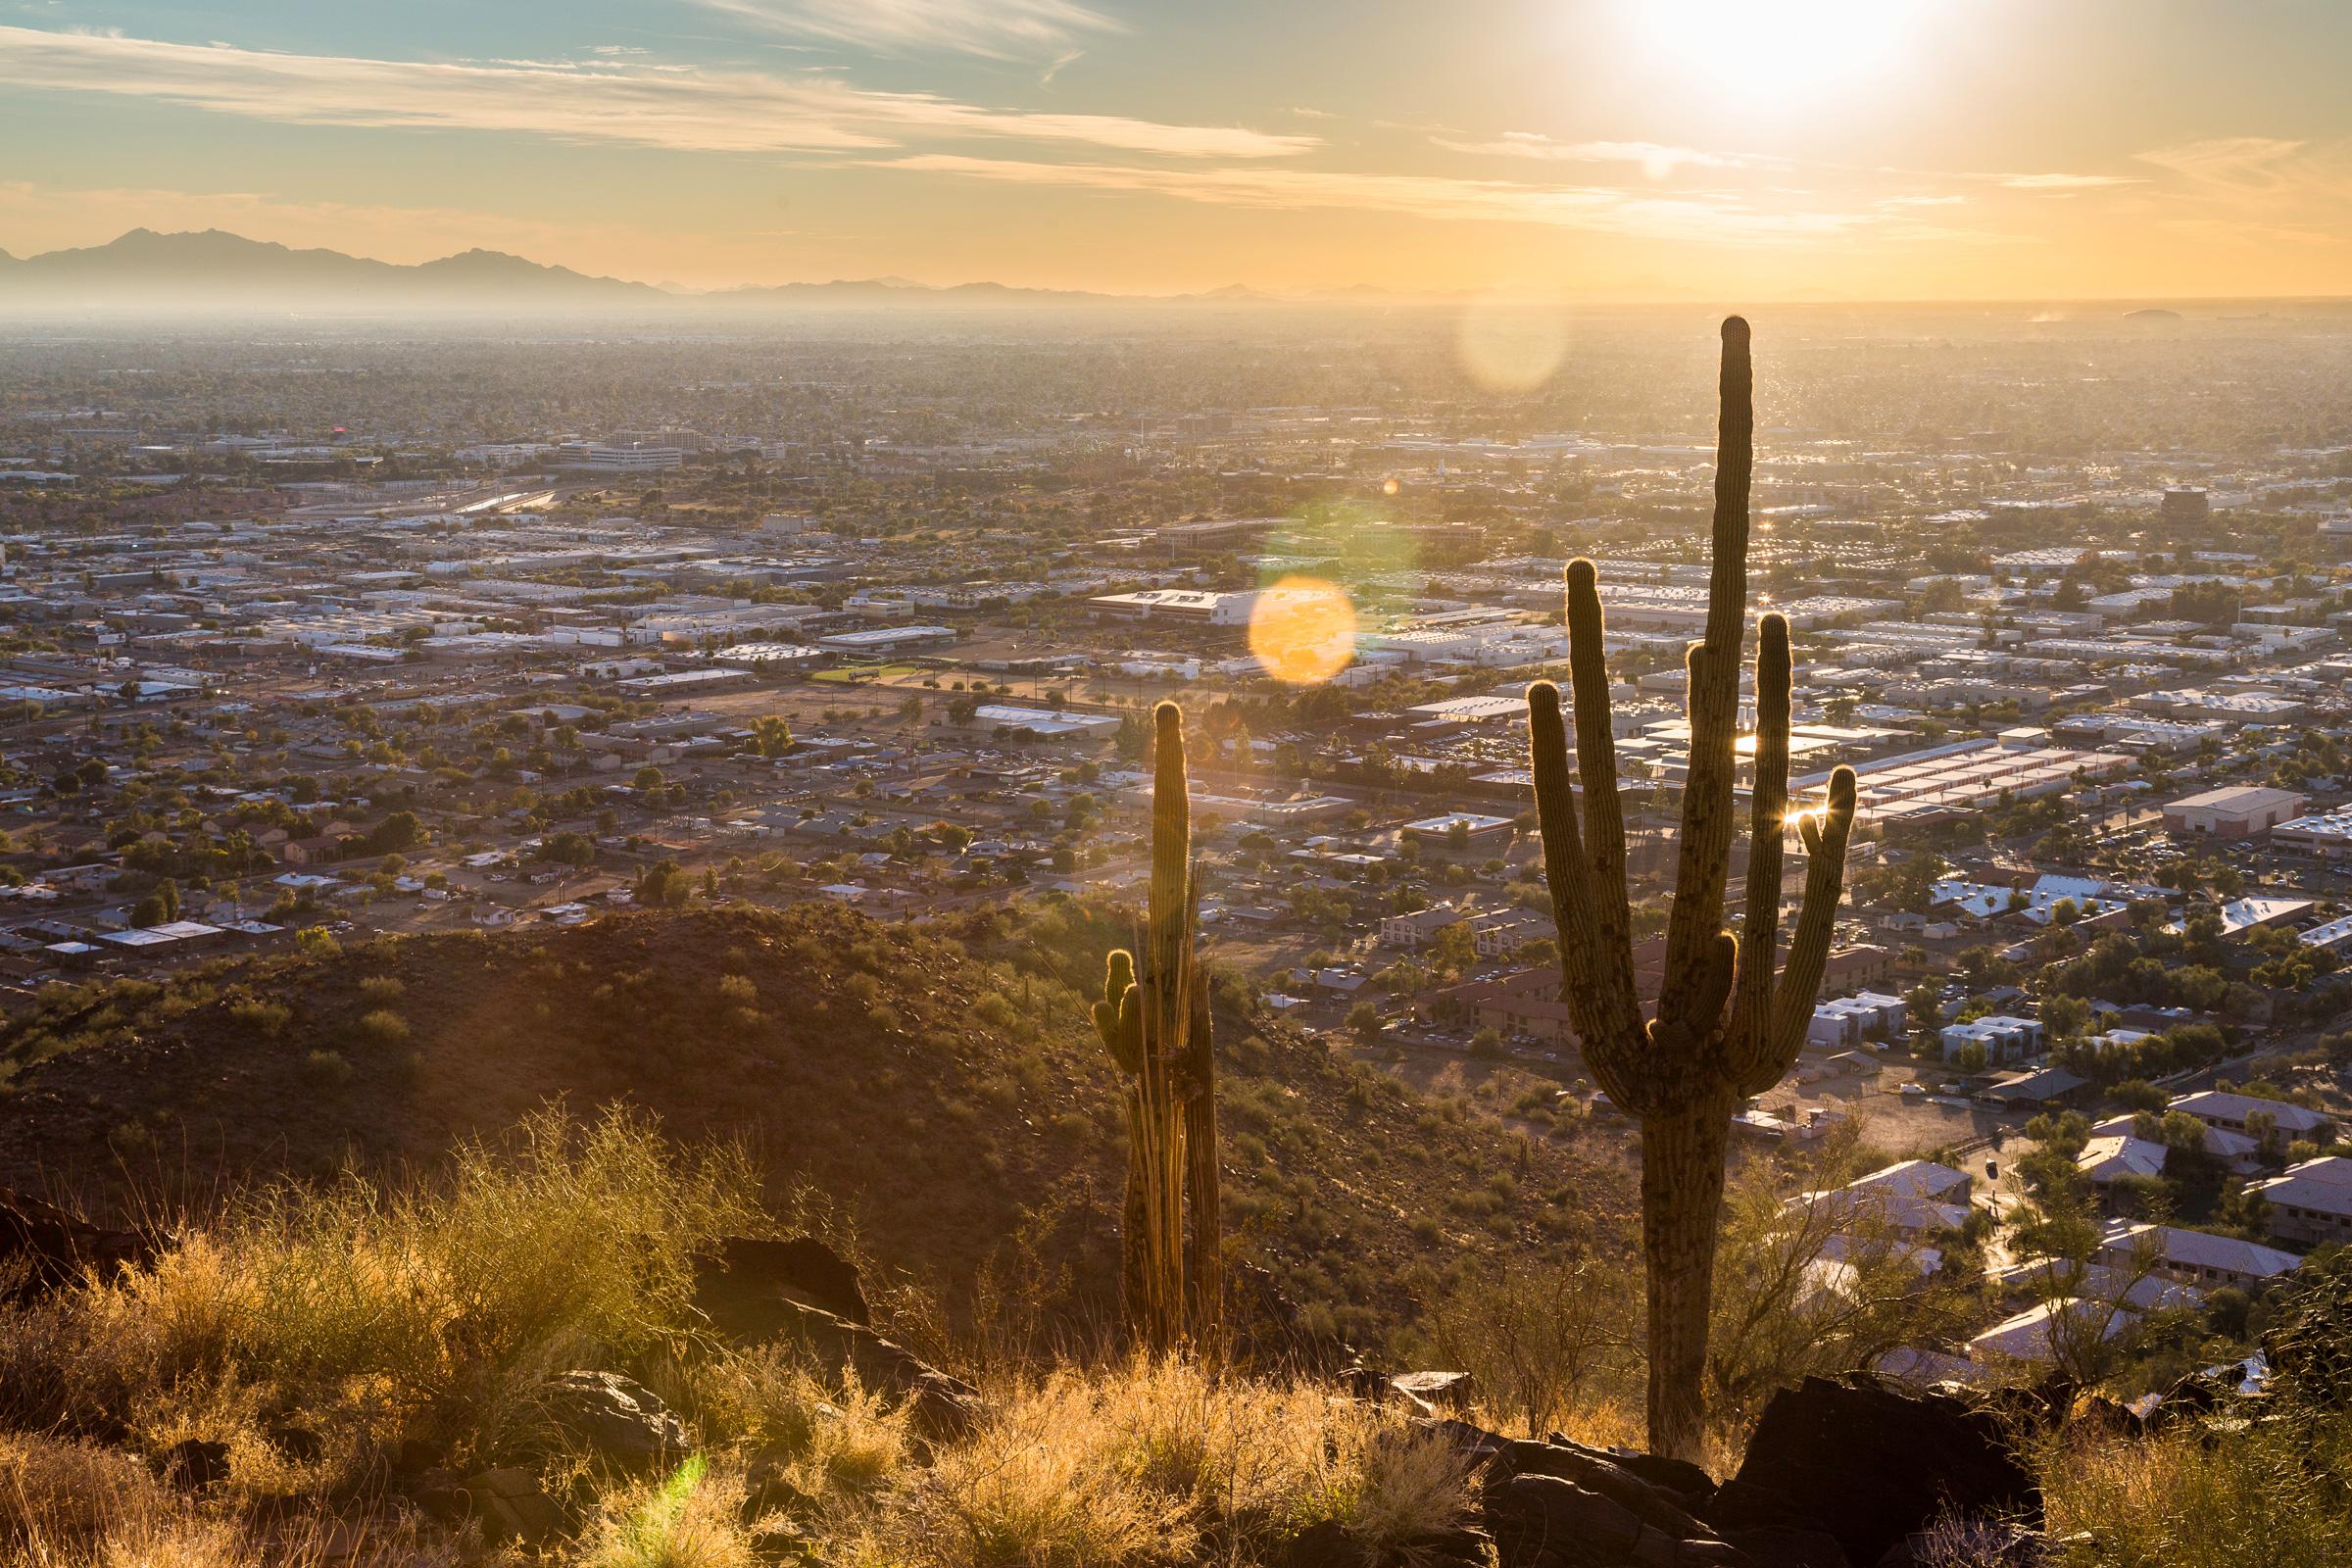 Cactus dans l'environnement désertique de la zone de randonnée Piestawa Peak à Phoenix Arizona